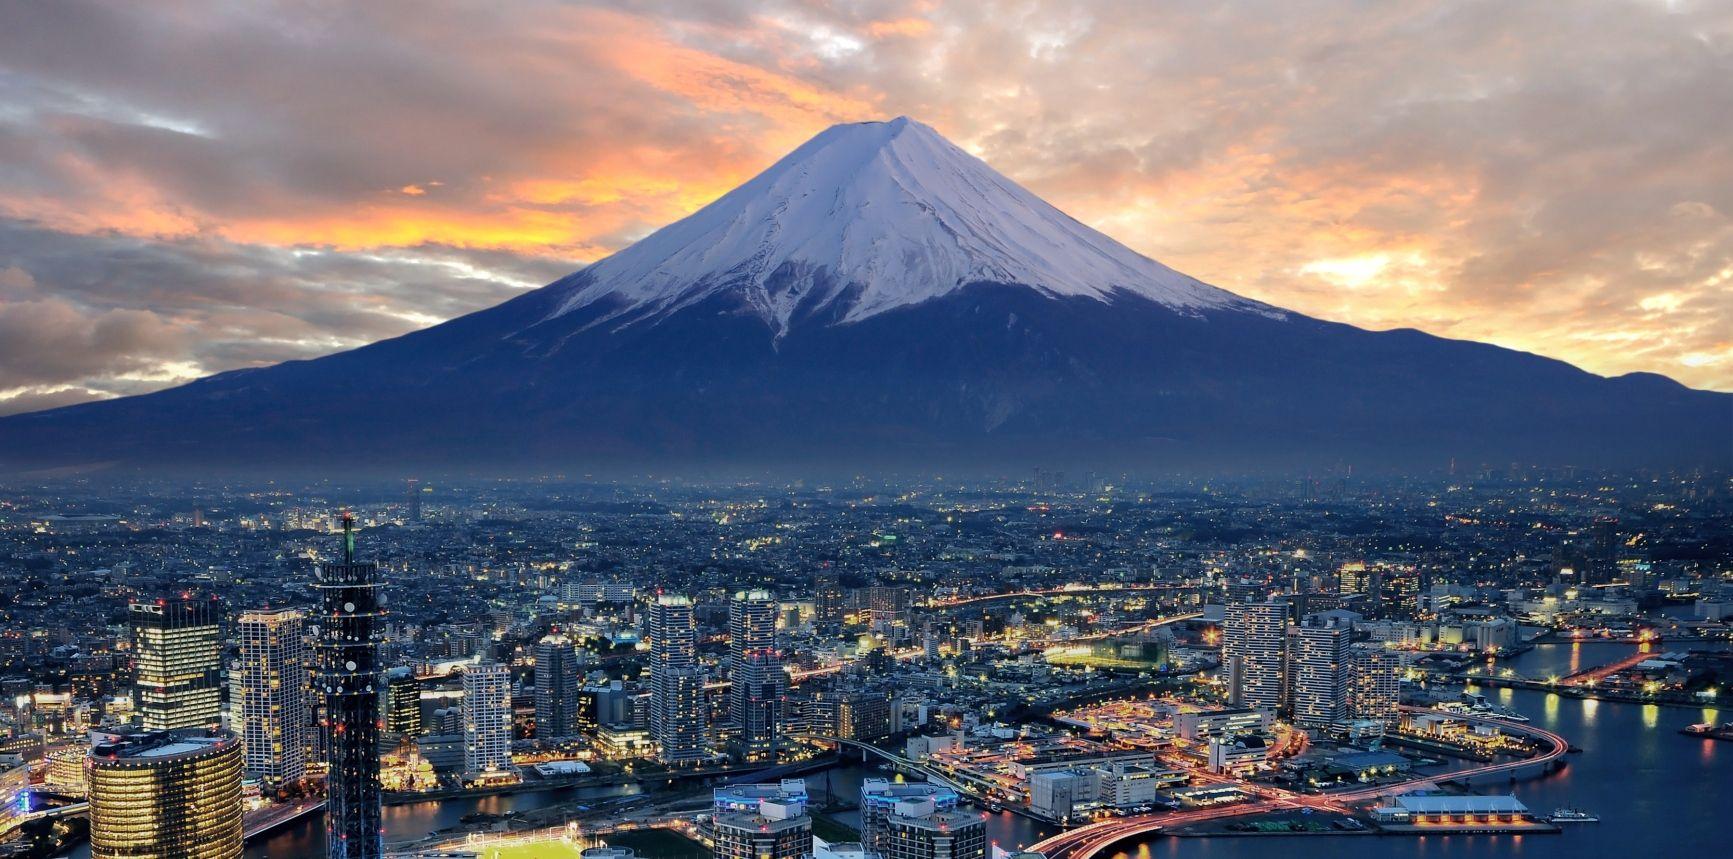 Fotografiando el Fuji: vistas de temporada y Diamante Fuji